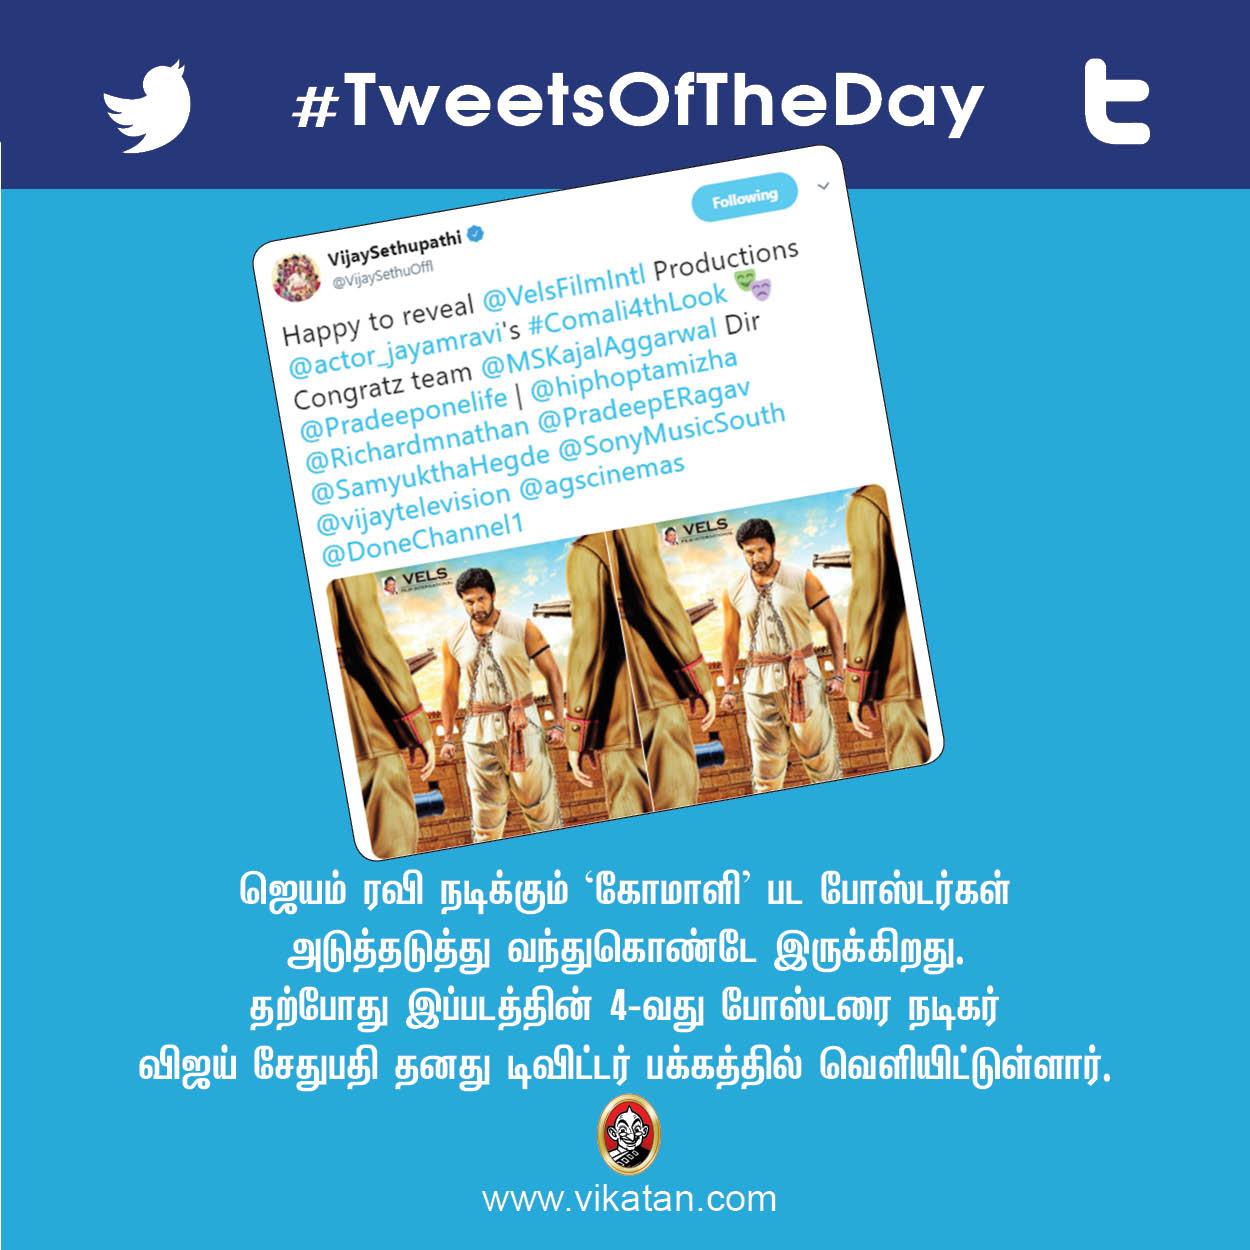 மகிழ்ந்த மாமனார் ; நெகிழ்ந்த கஸ்தூரி! #TweetsOfTheDay